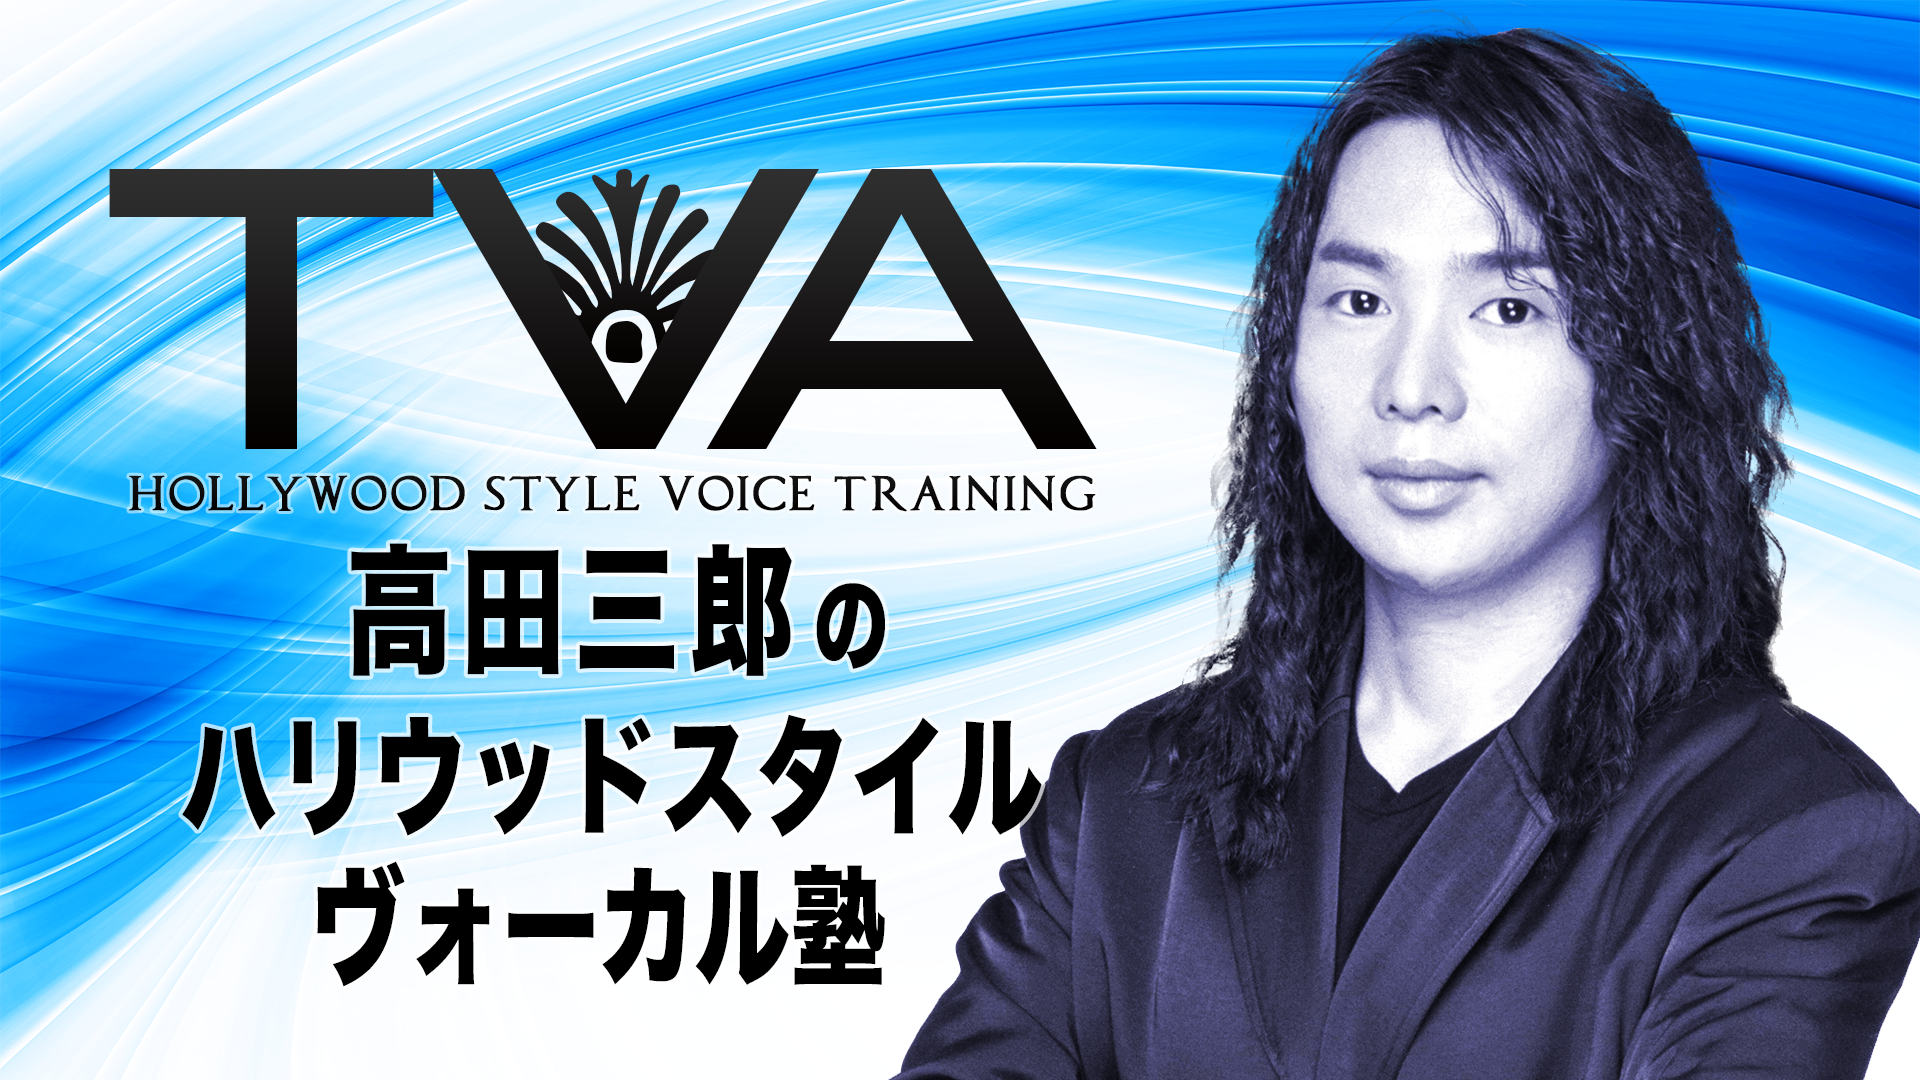 TVA-高田三郎のハリウッドスタイル ヴォーカル塾